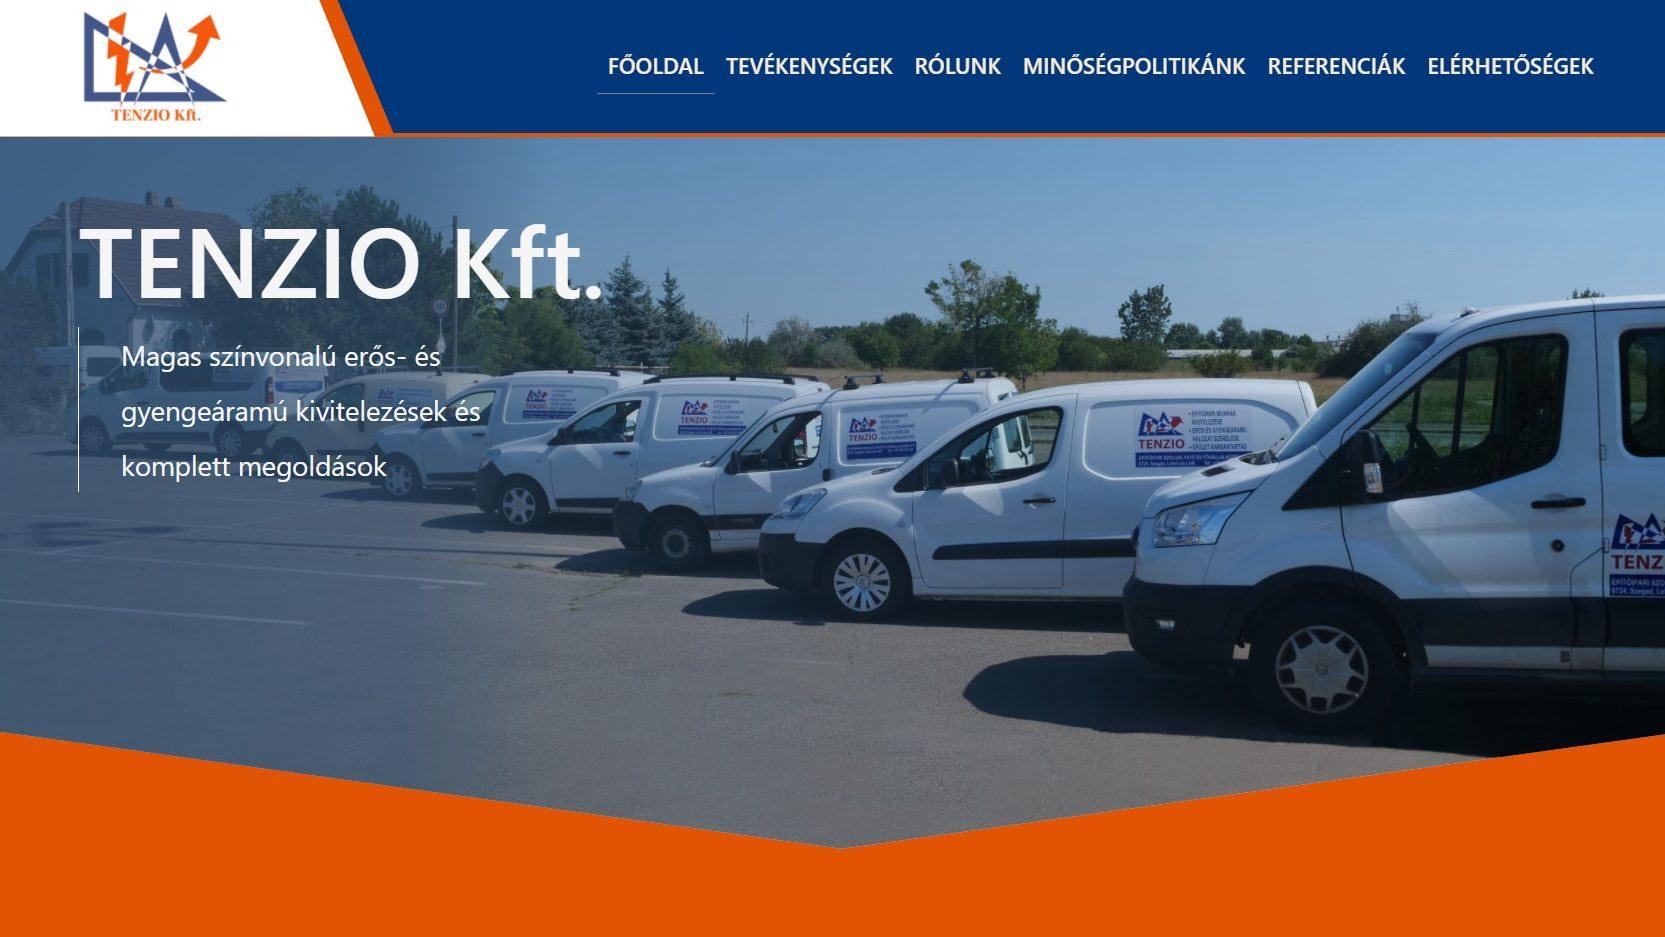 Tenzio homepage